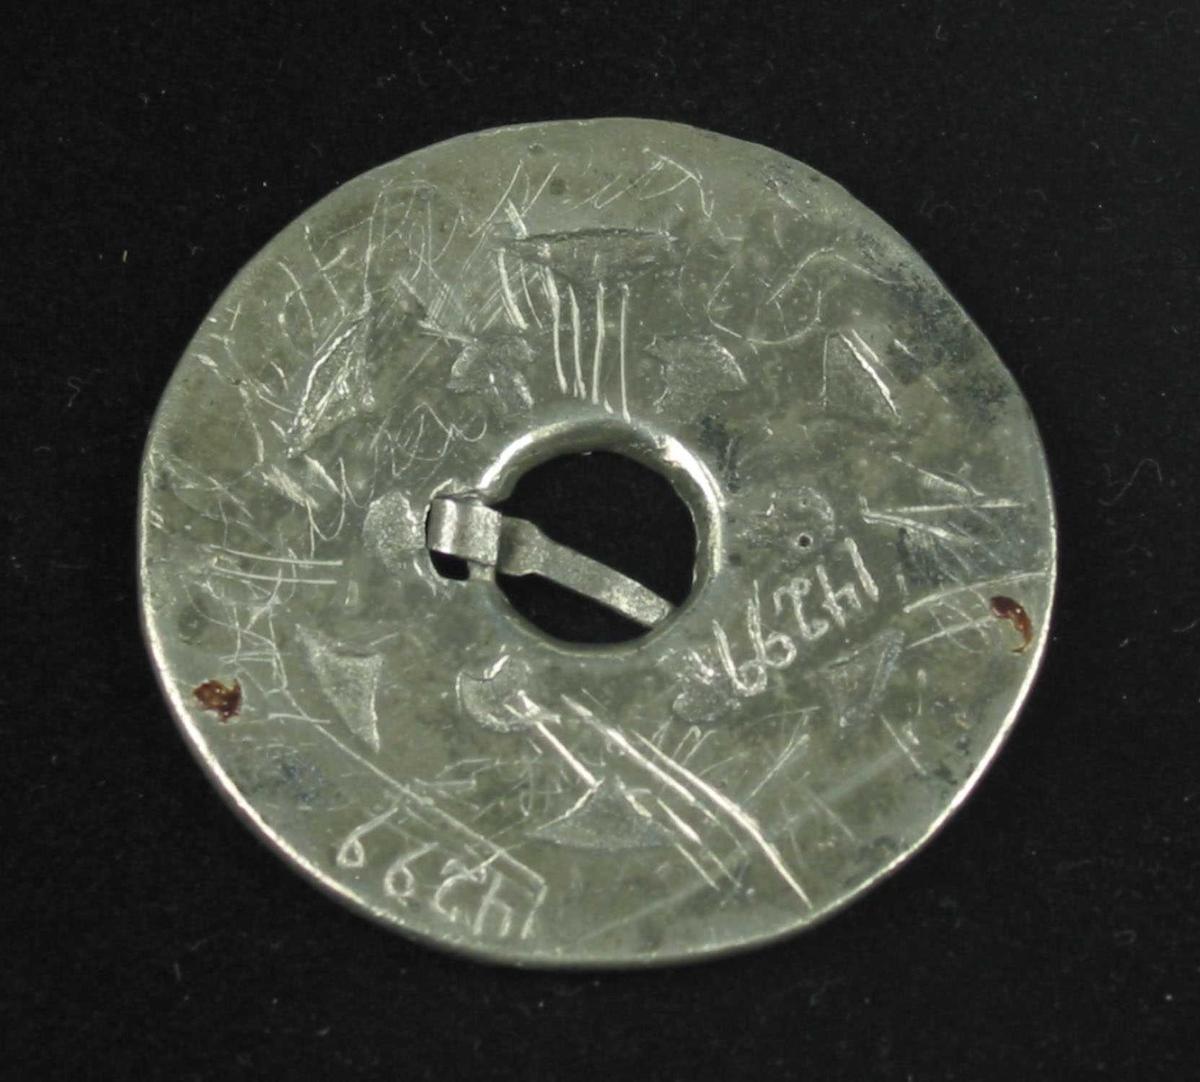 Støpt slangesølje i sølv. Bunnplata er massiv og fargen nærmest gråsvart. Tornring og gjord har rørtrådsmønster, mellom demer det et segmentfelt innerst og en krusering ytterst. Kruseringen har vekslende diamant- og knoppmønster. Et sted er to knopper stilt sammen. Et enkelt tvinnetrådsbånd skiller kruseringen fra segmentfeltet, og samme slags bånd skiller segmentene innbyrdes. Tornringen er av jern. Ingen synlige stempel.